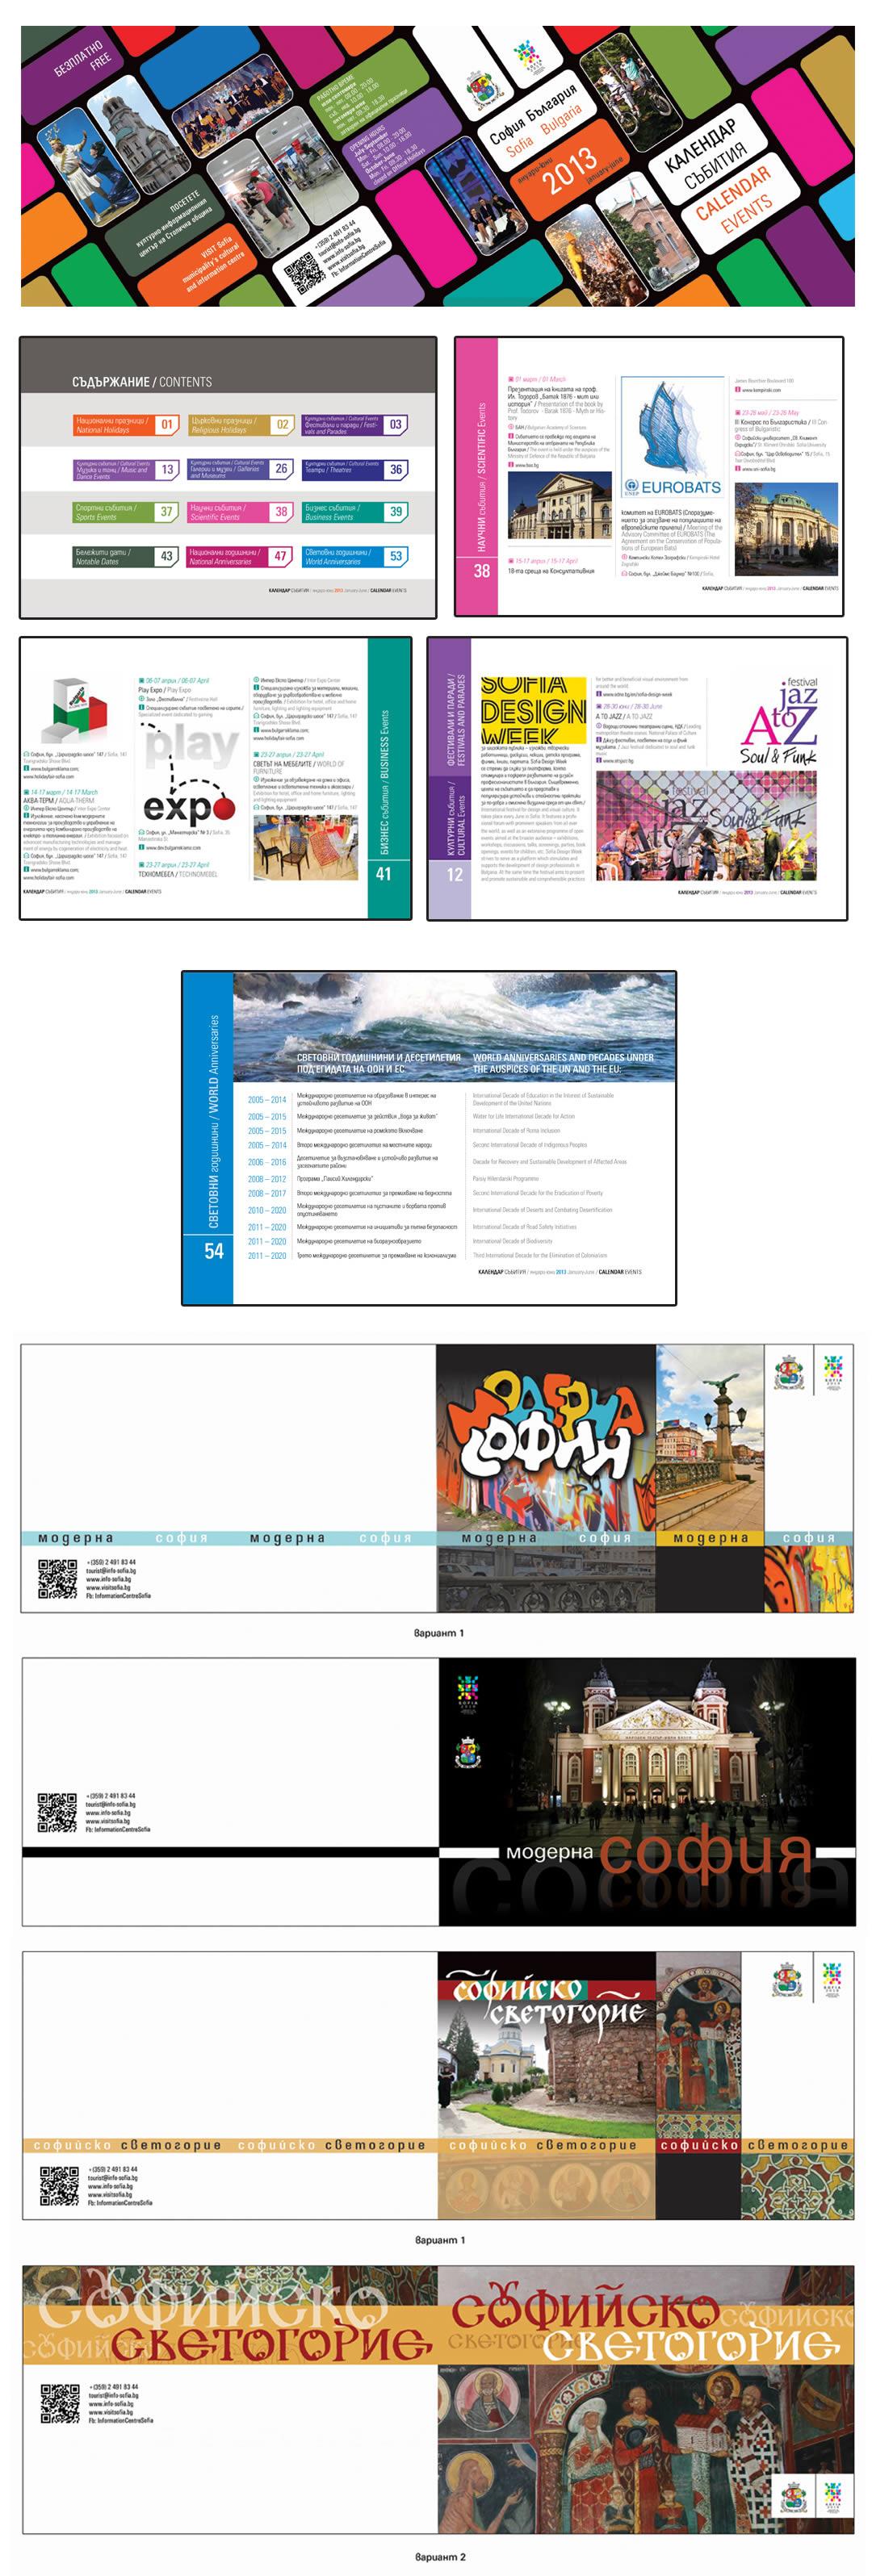 графичен дизайн на календари за София инфо 2013